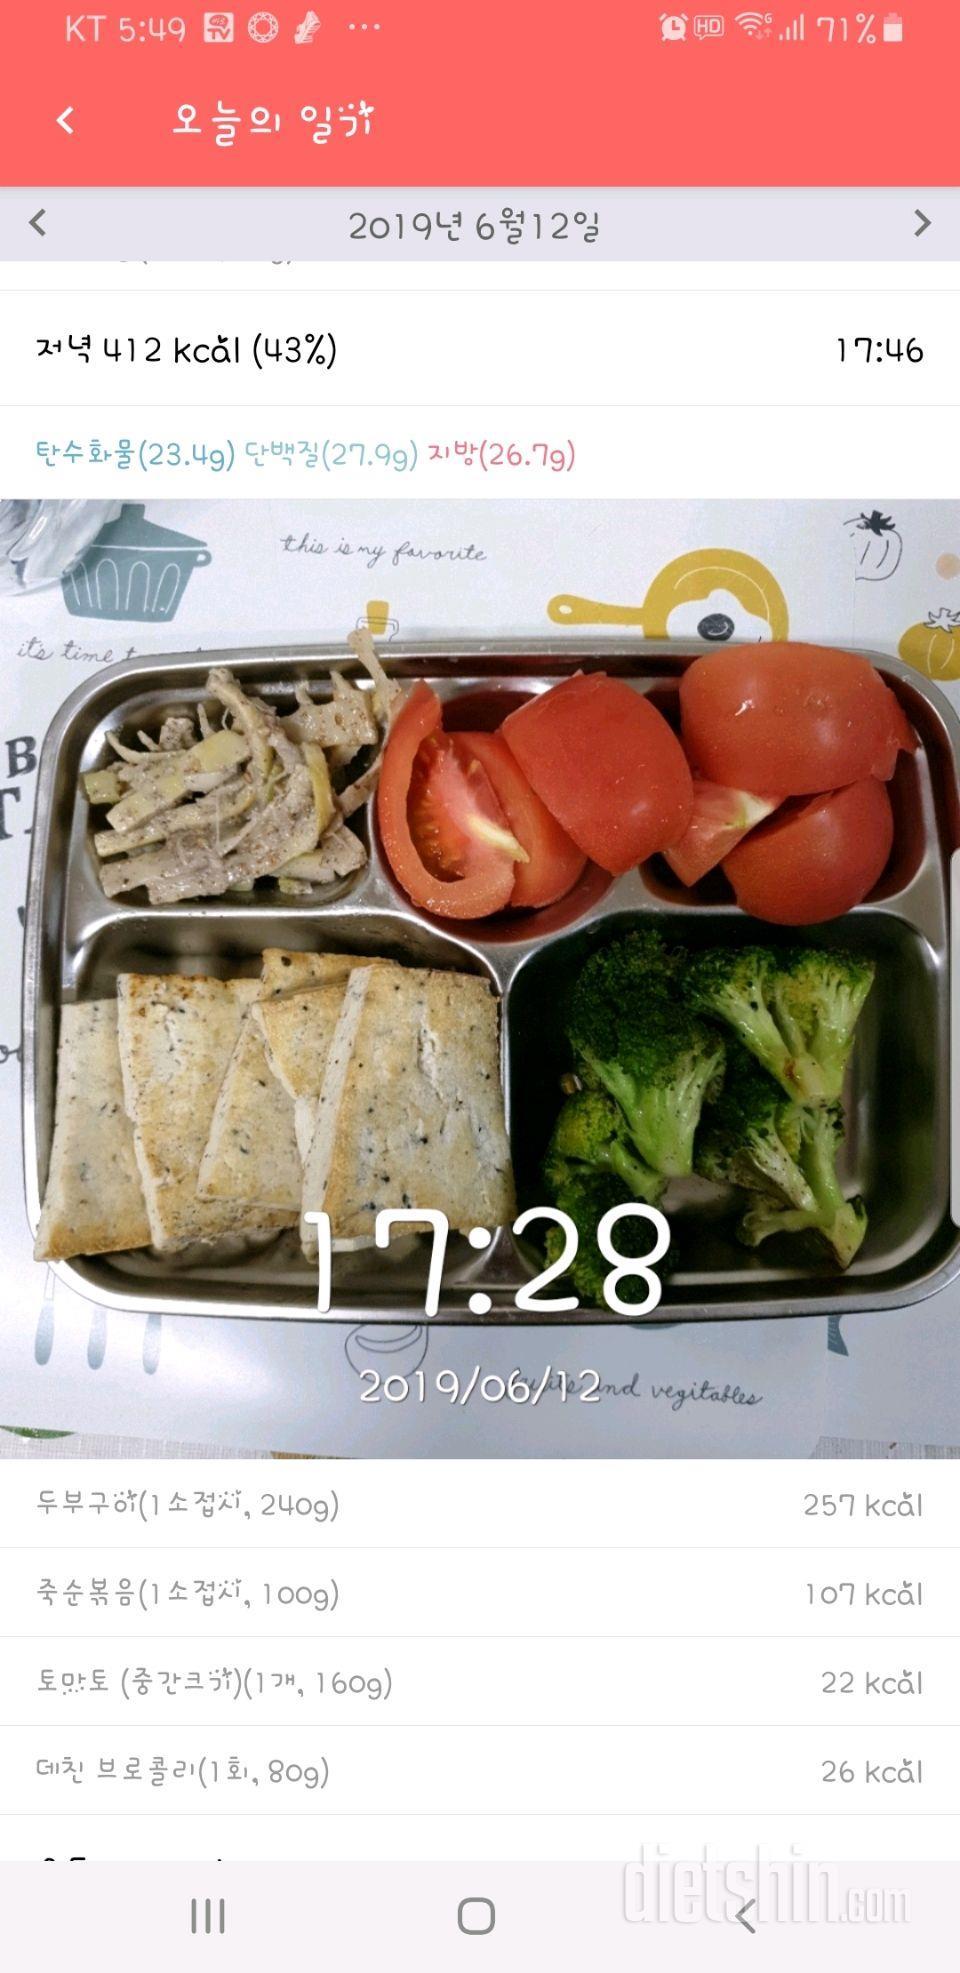 [다신 14기 식단 미션] 3일 차